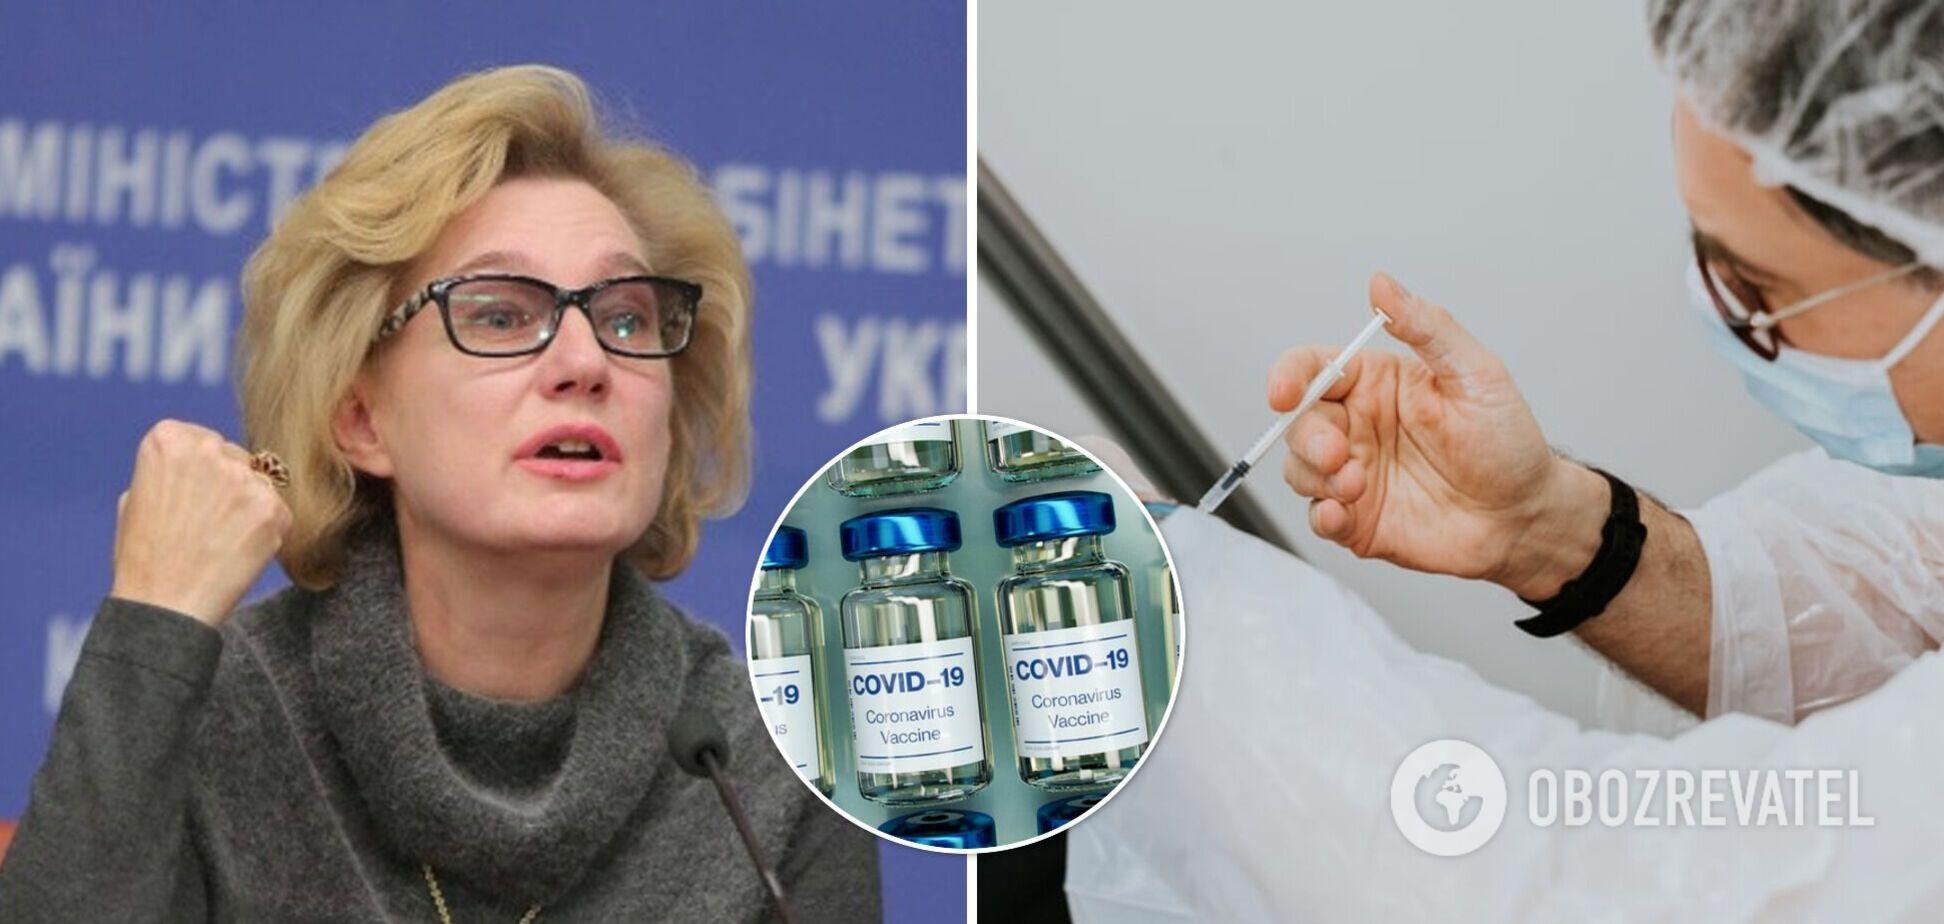 Голубовська розповіла, коли потрібно вакцинуватися тим, хто перехворів на COVID-19